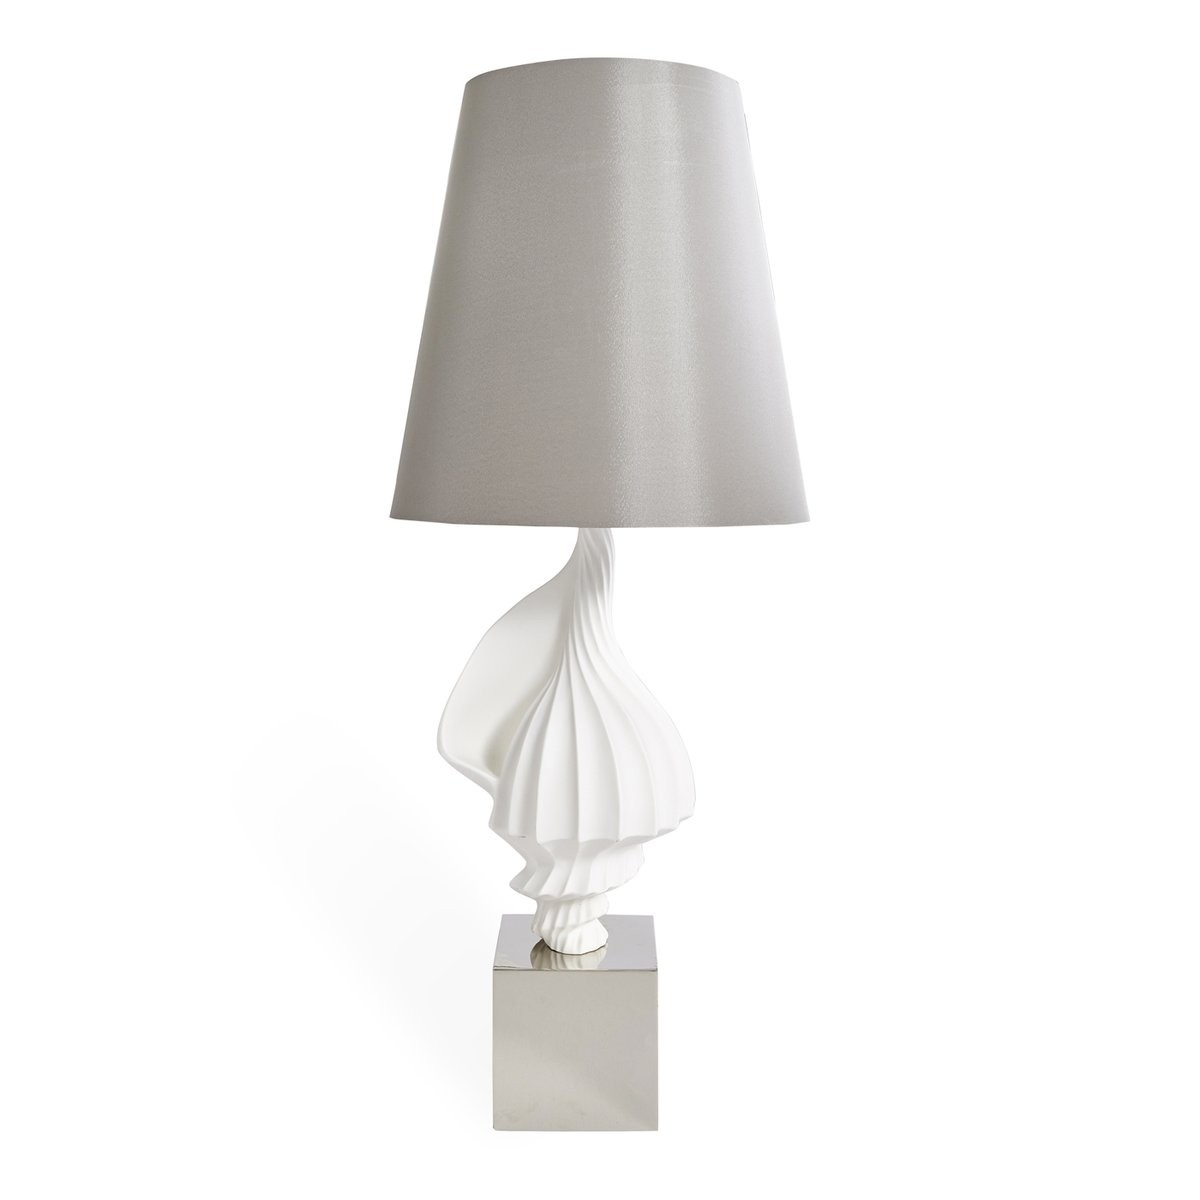 Jonathan Adler I Shell Table Lamp